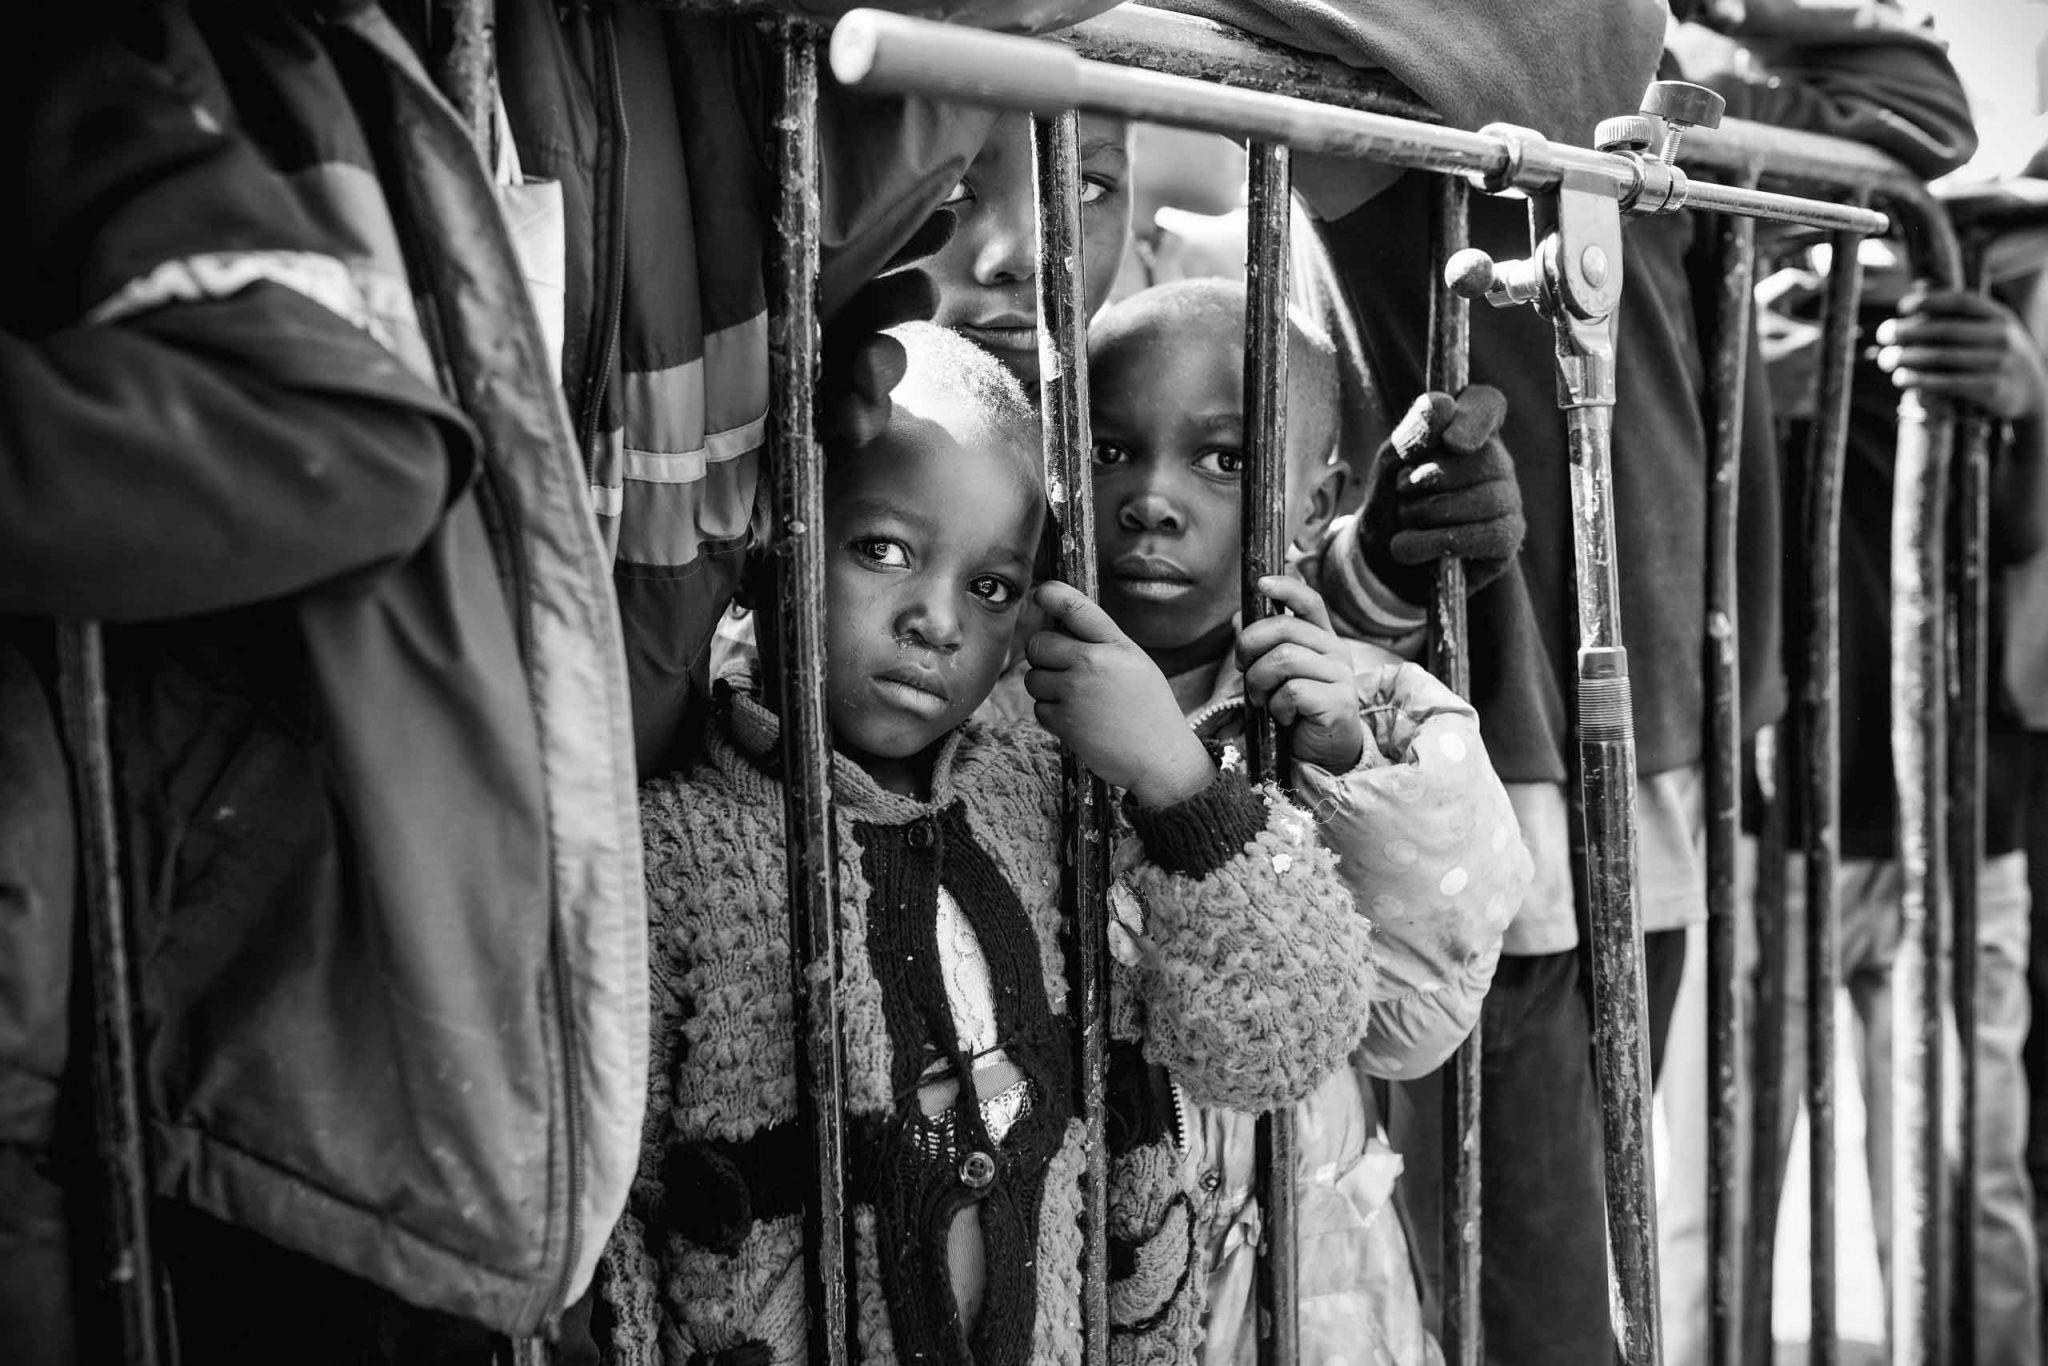 Ilsoo_van_Dijk_Ilsoovandijk_Kenya_The_Raindance_Project_2019_6